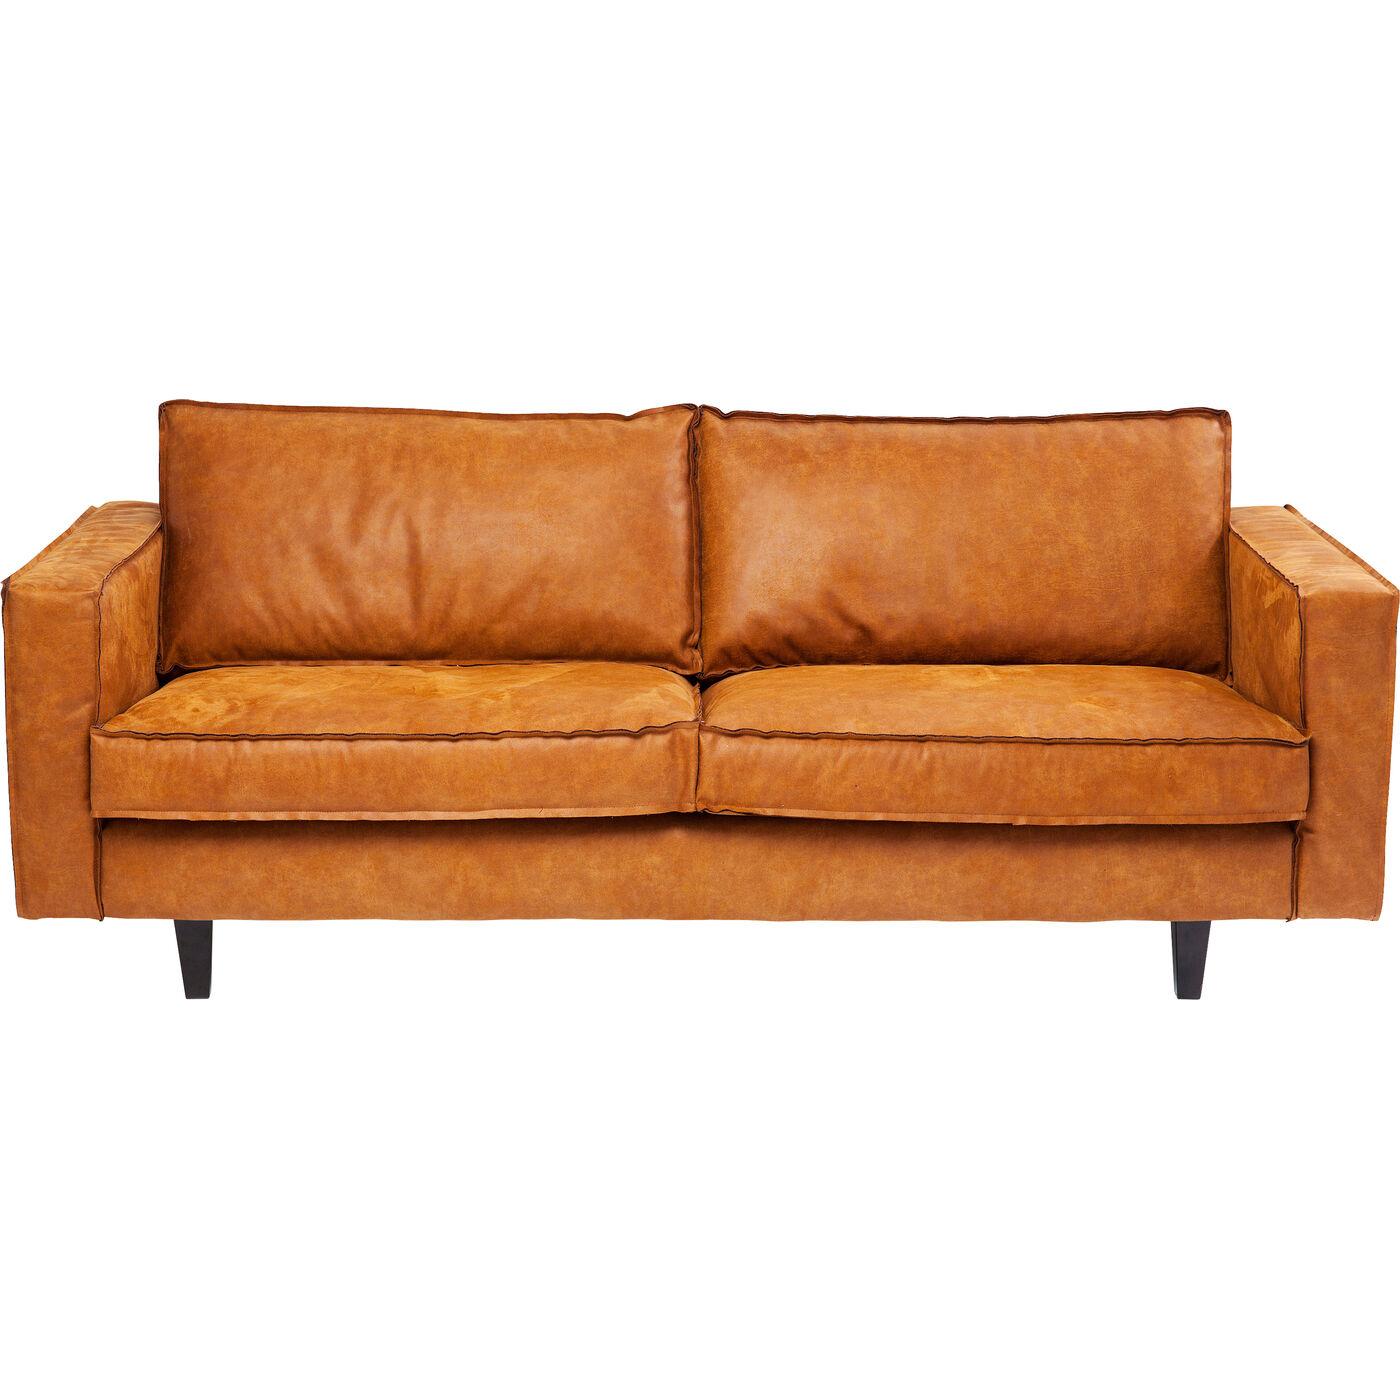 Sofa Neo Tobacco